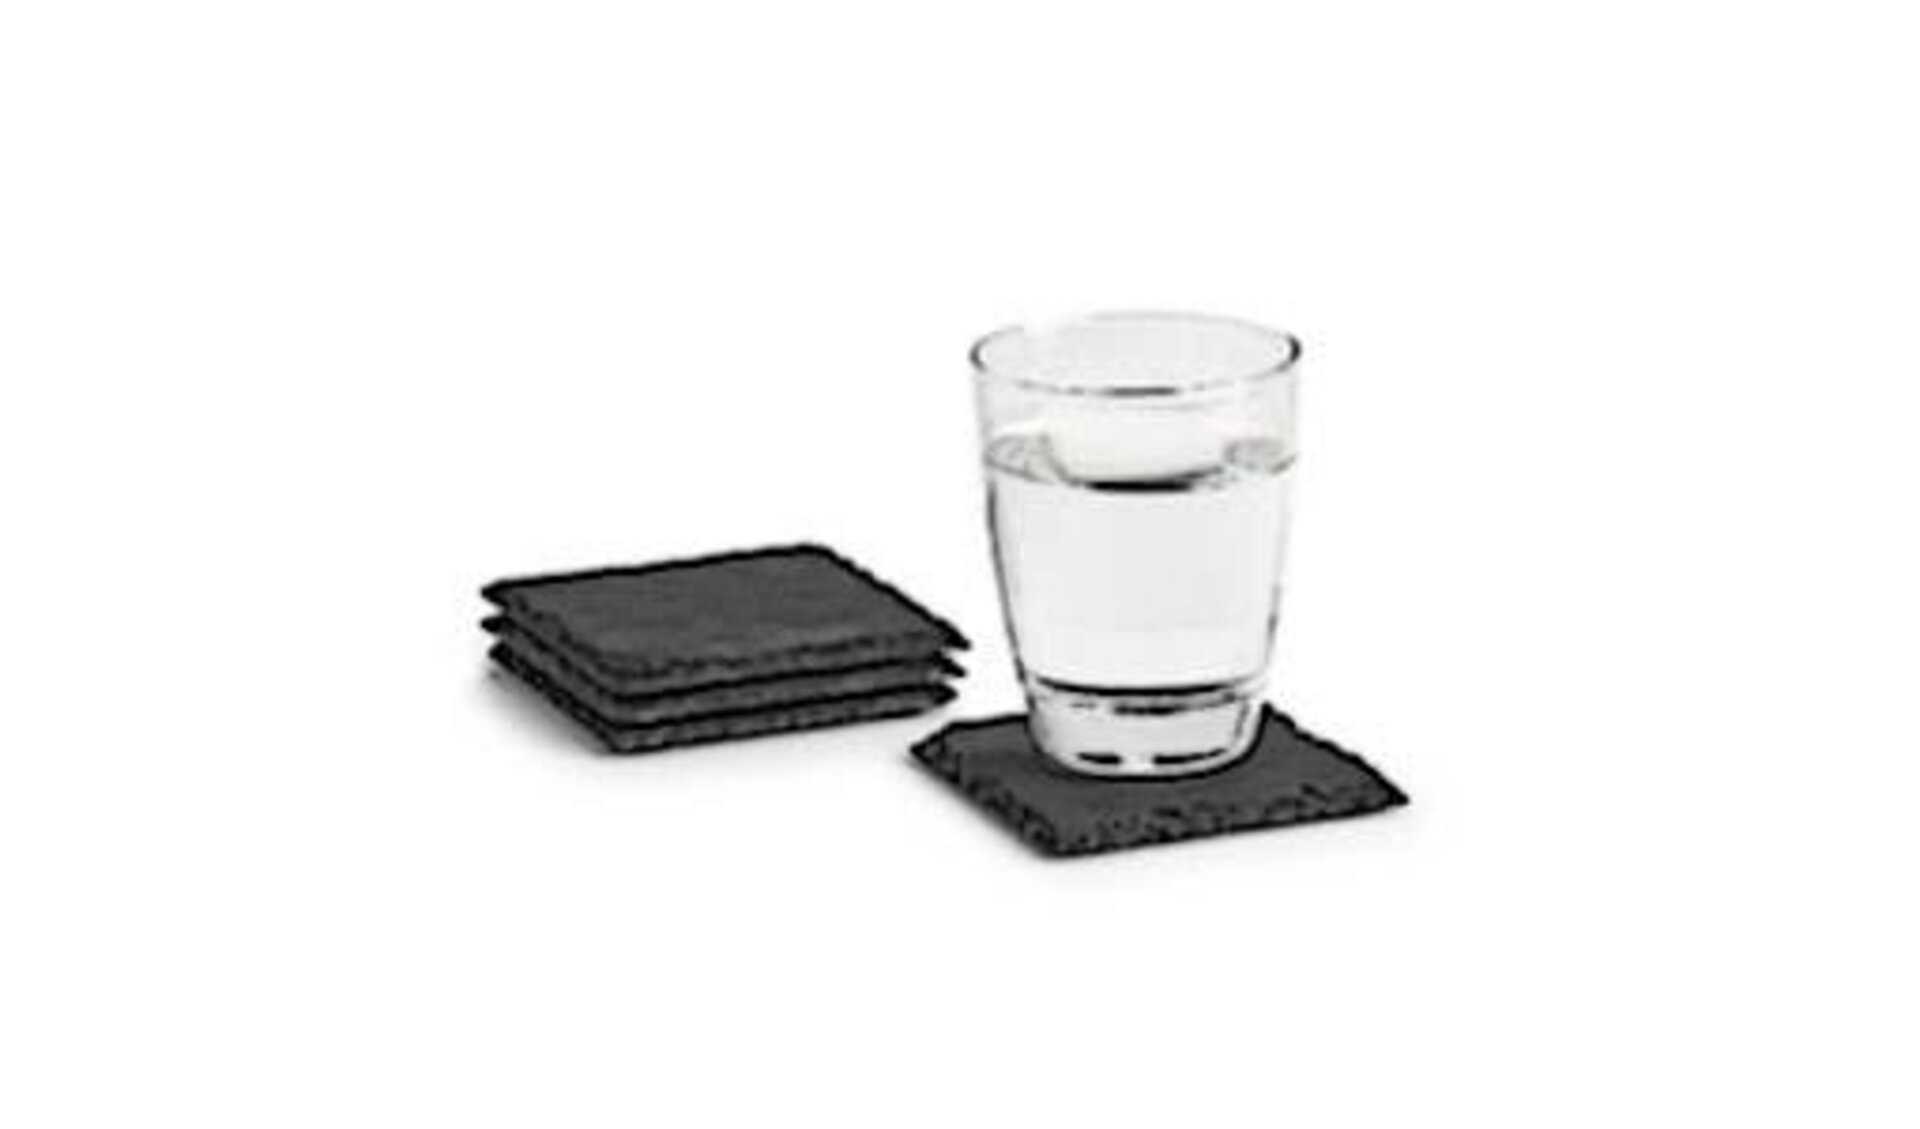 Tischaccessoires werden hier mit einem Trinkglas und Untersetzern aus schwarzem Schiefer dargestellt.